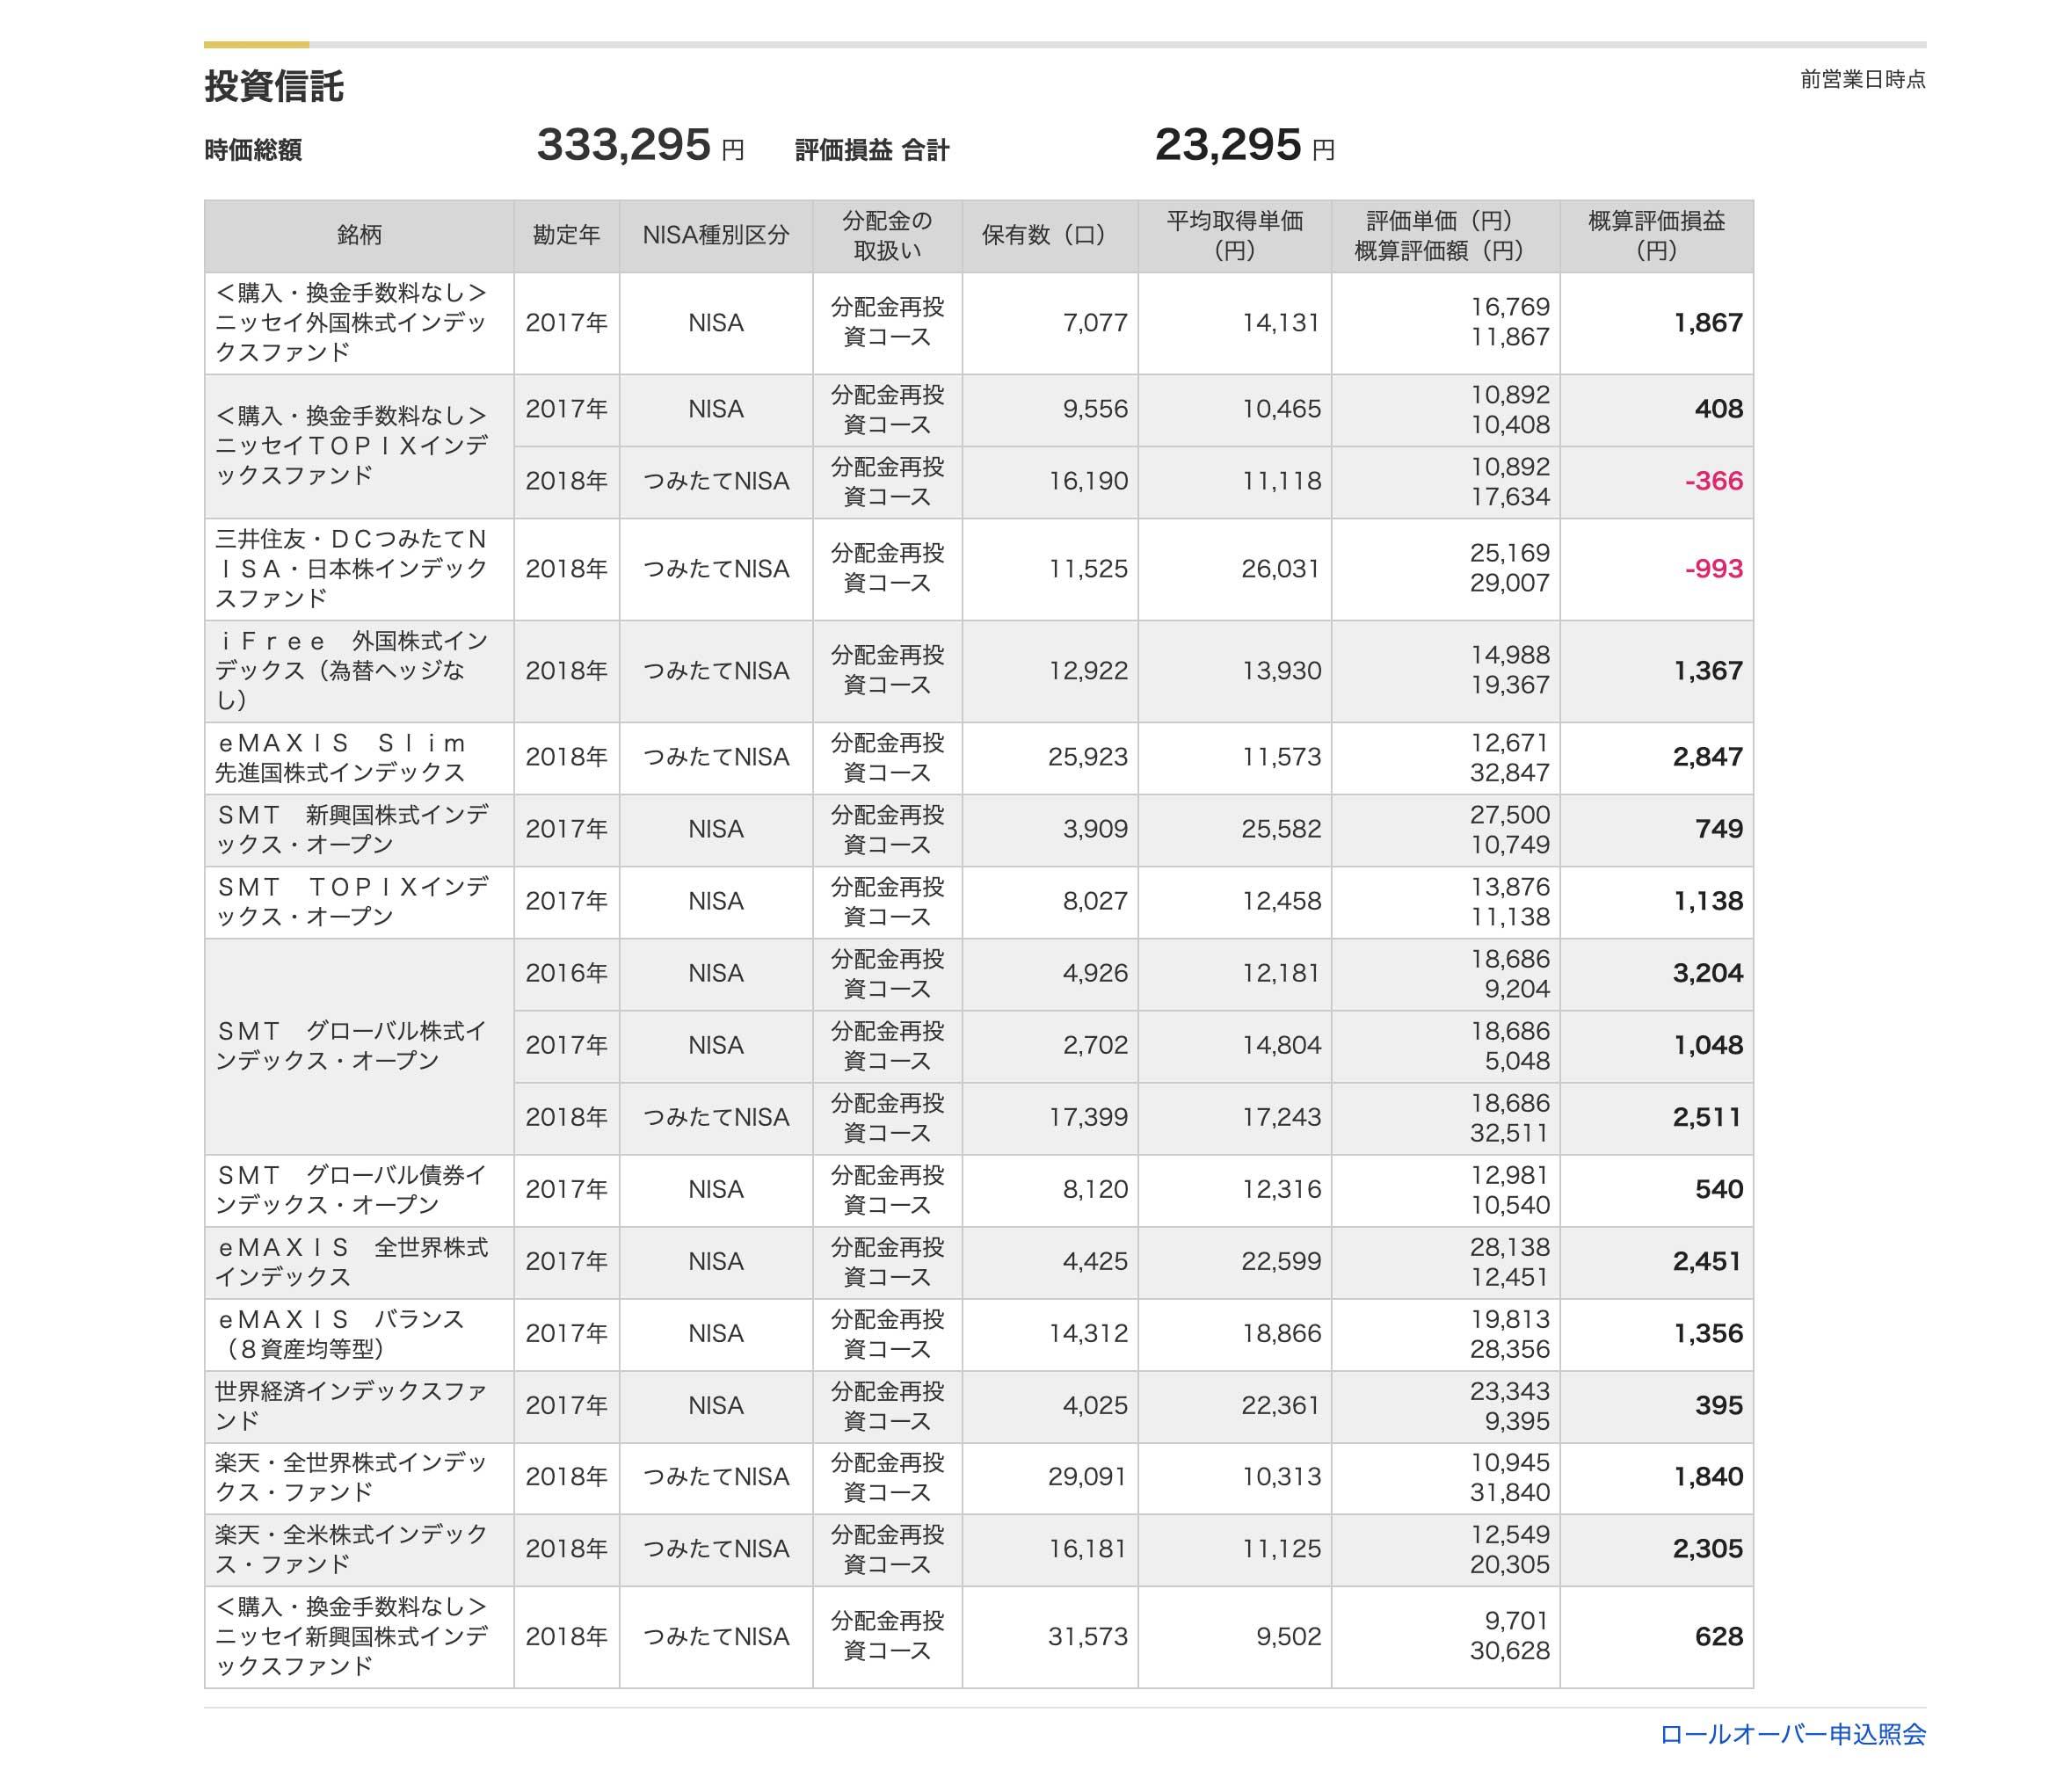 投資信託2020年10月末-マネックス証券